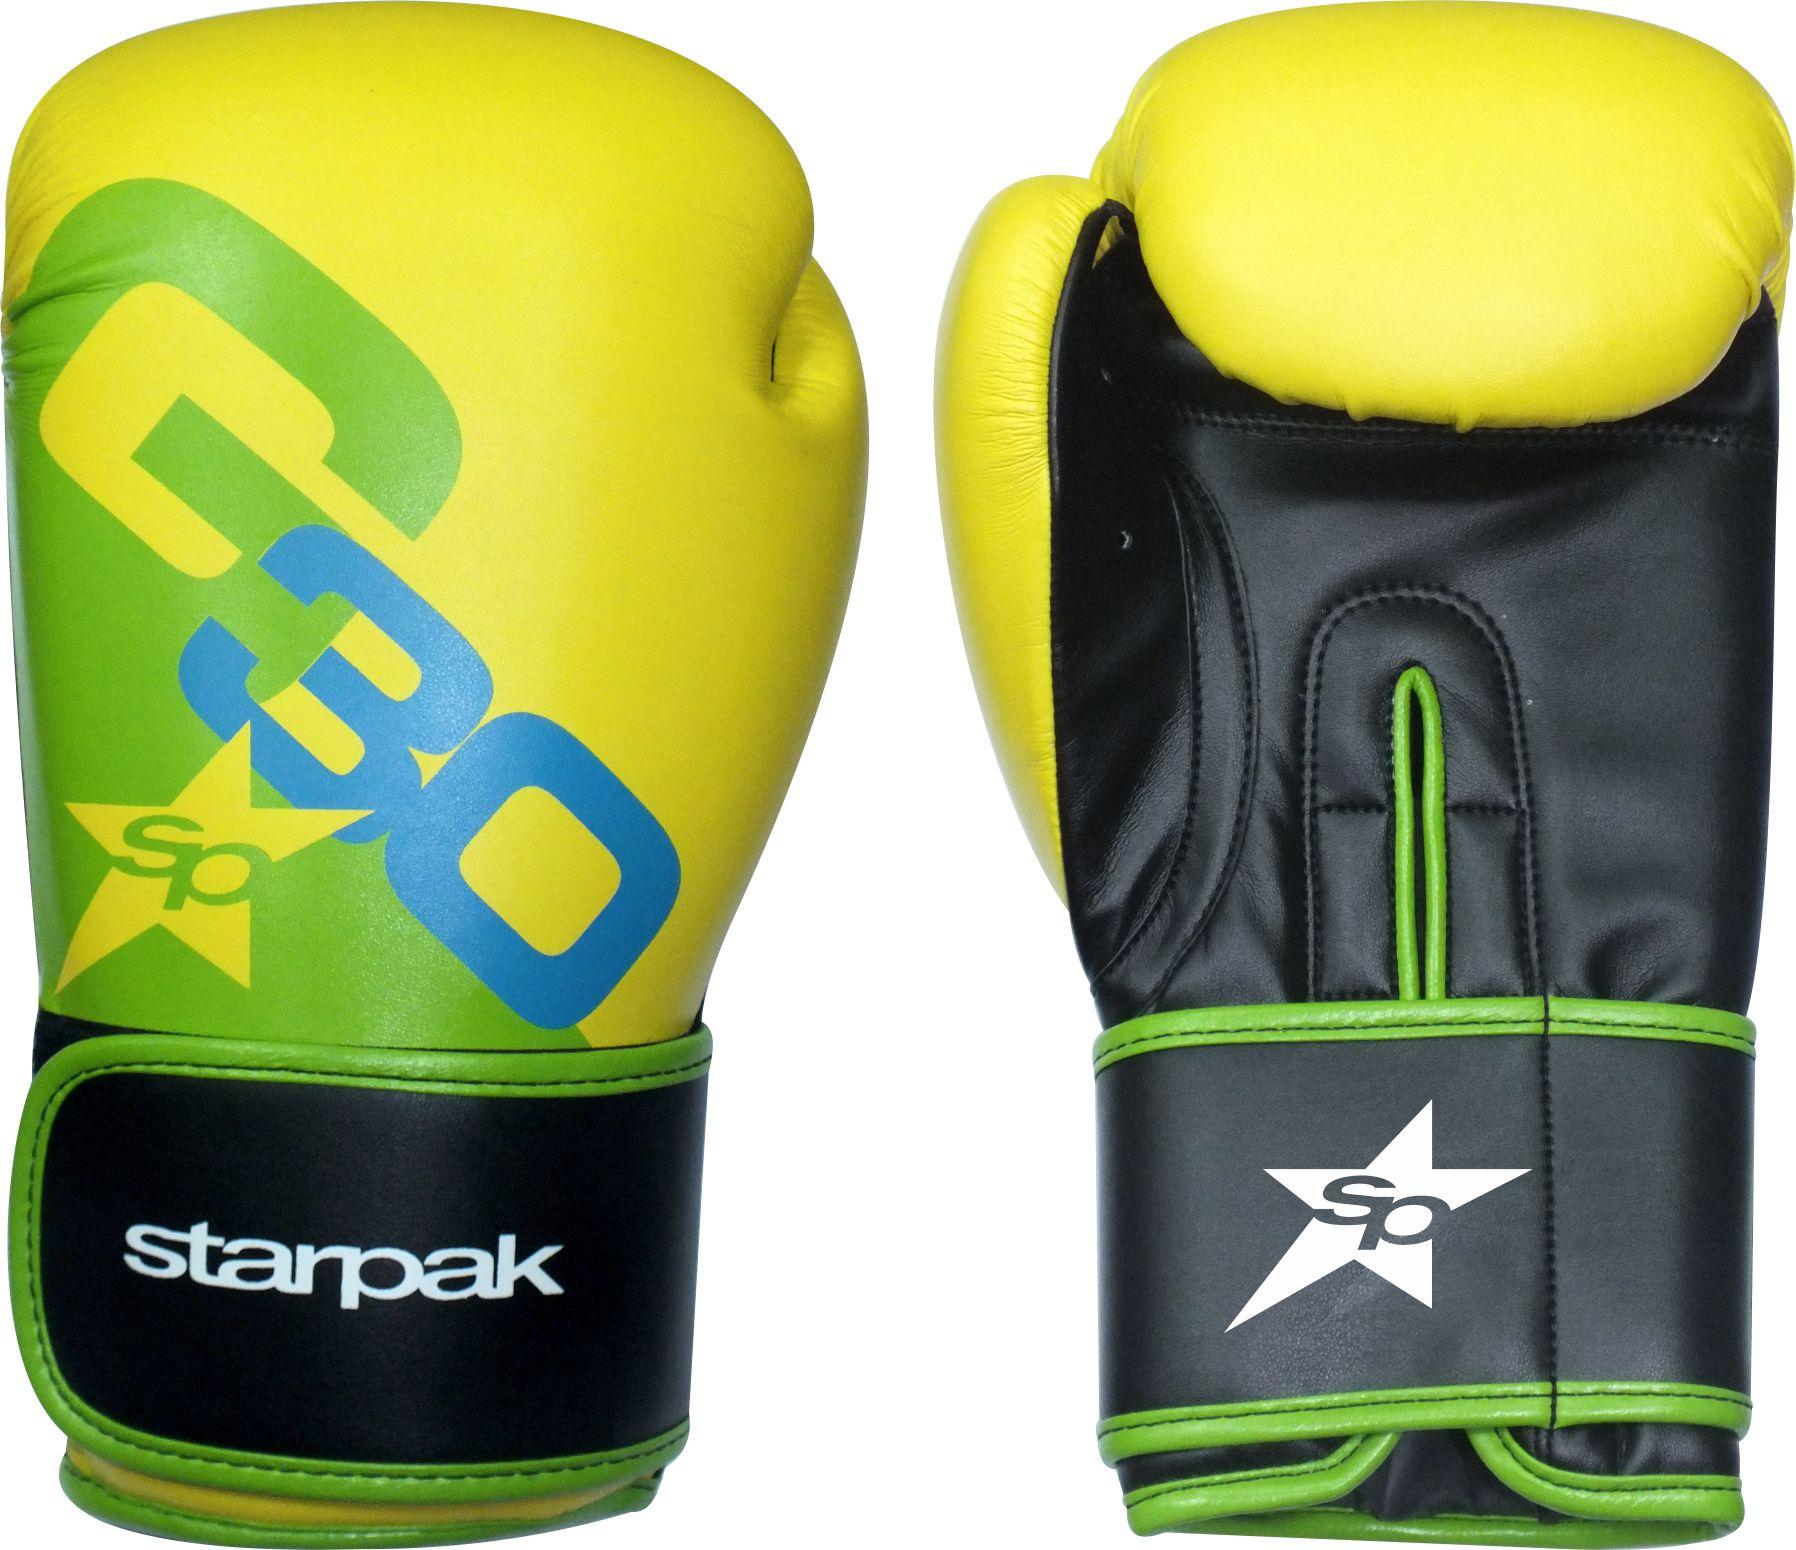 Starpak_Designentwicklung Boxhandschuhe